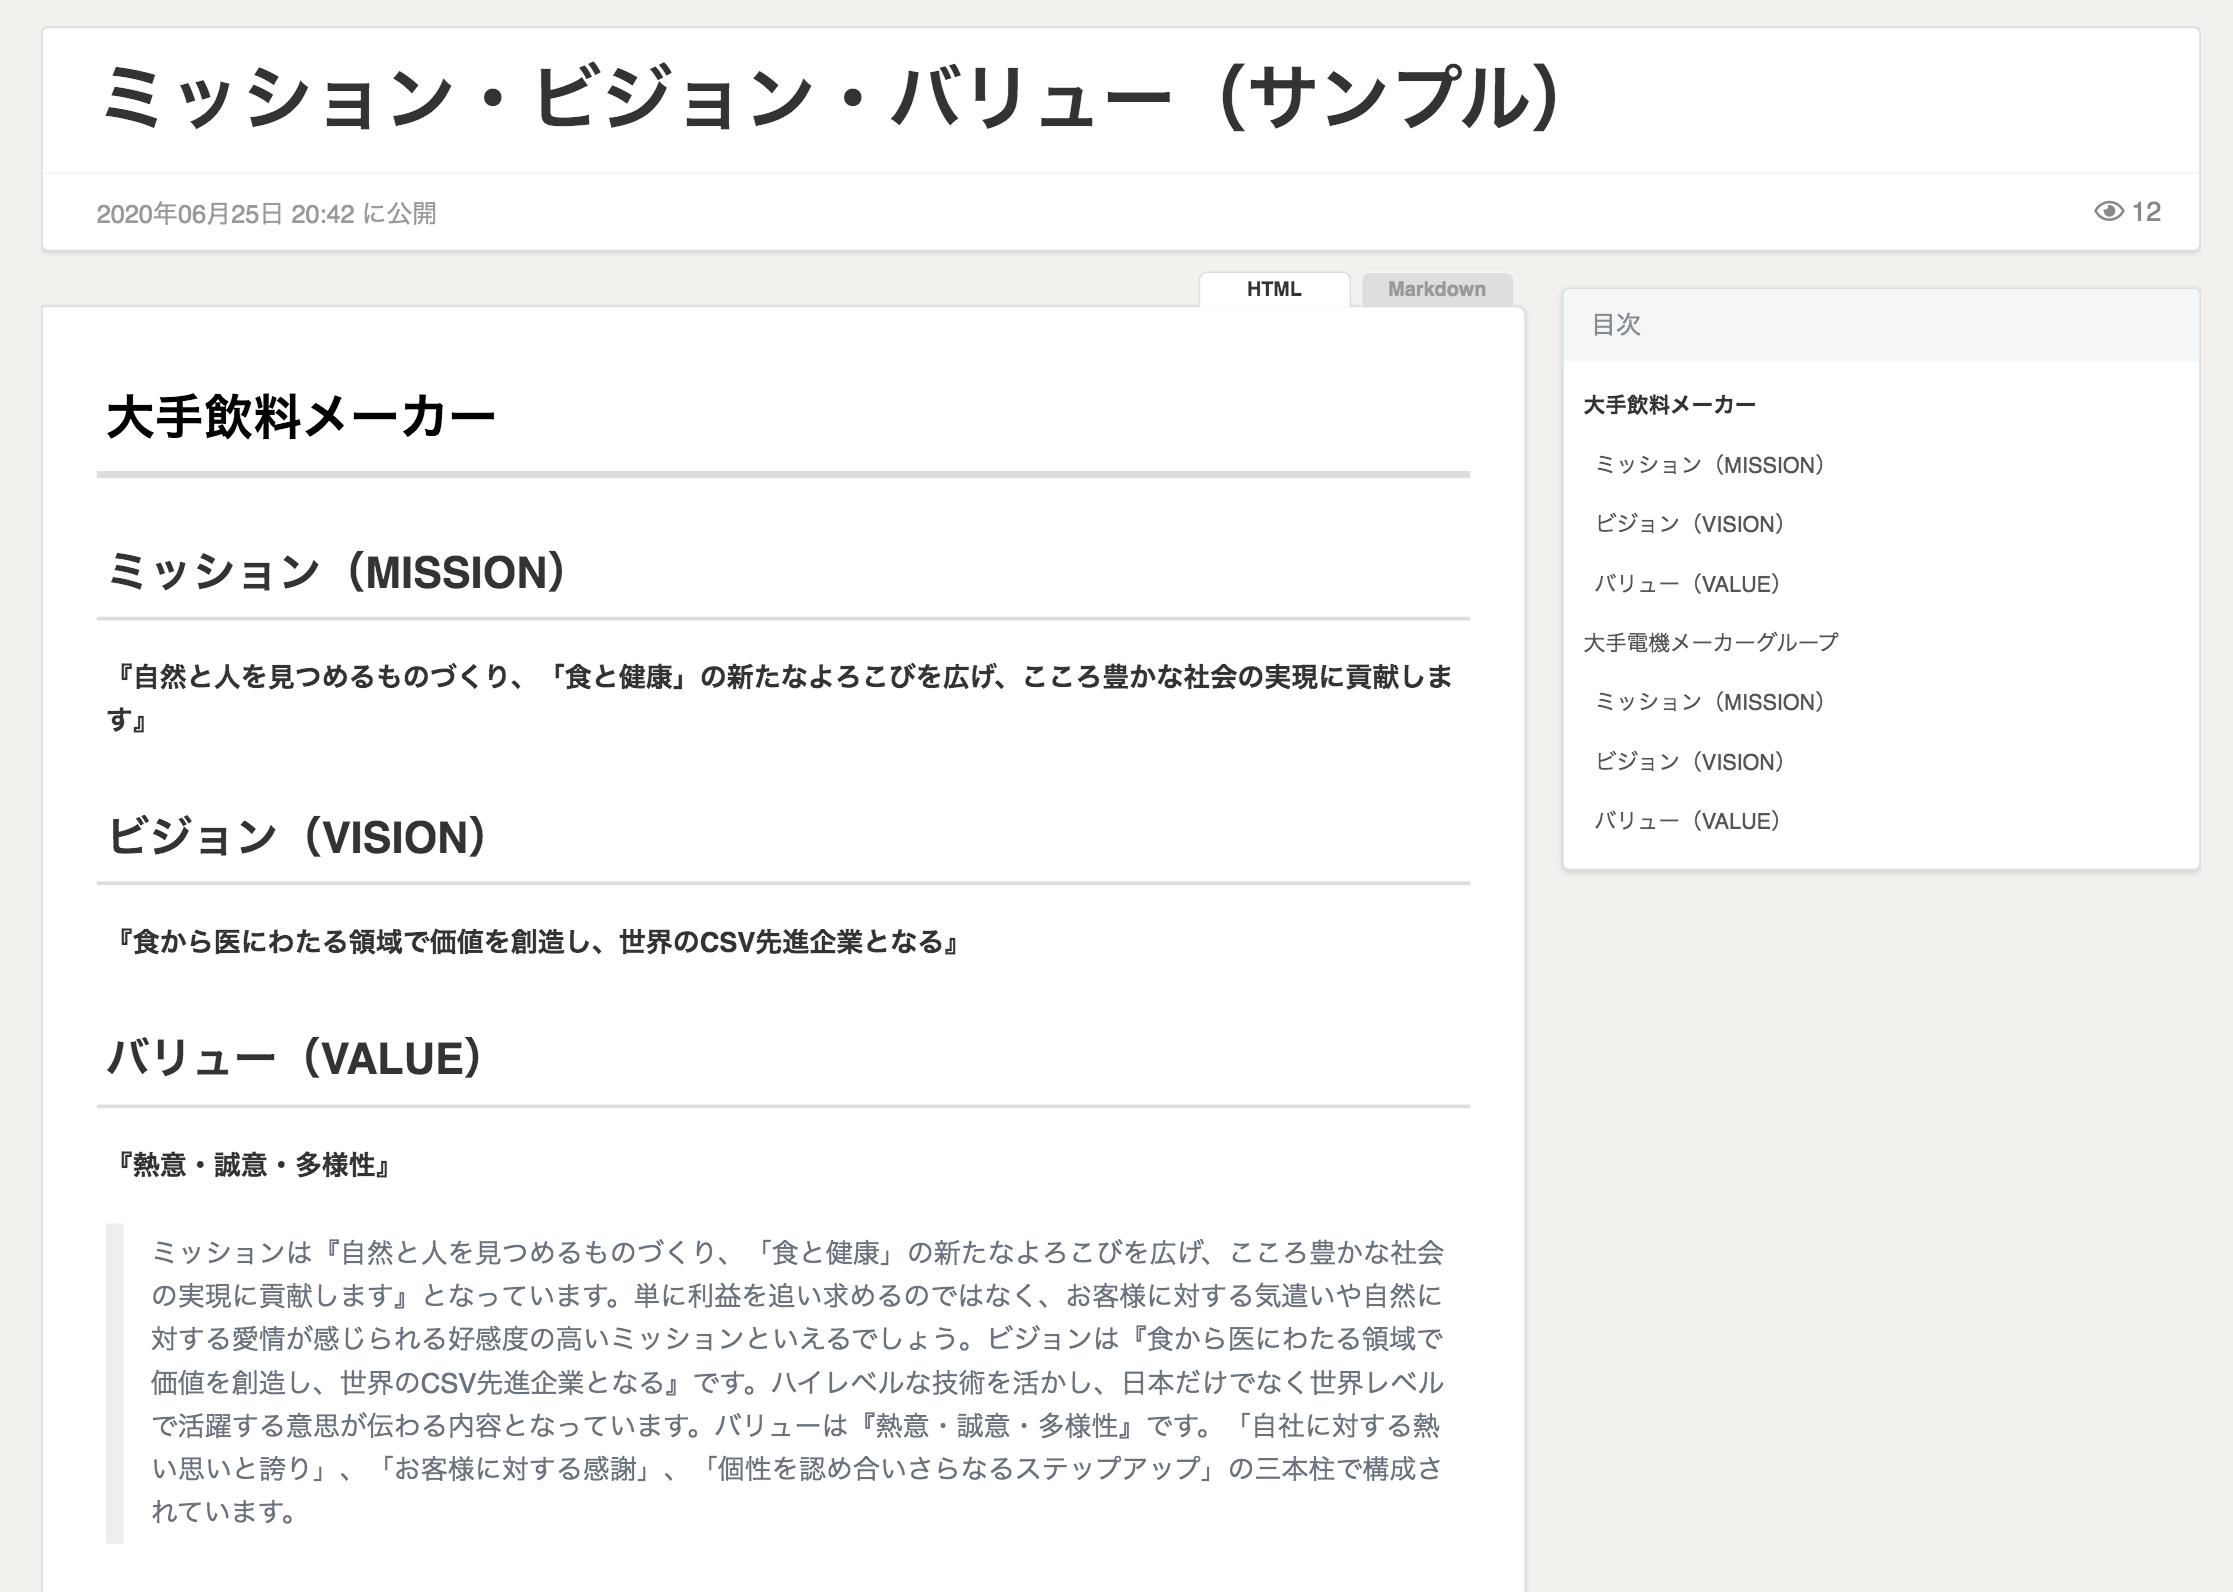 ミッション・ビジョン・バリュー テンプレート